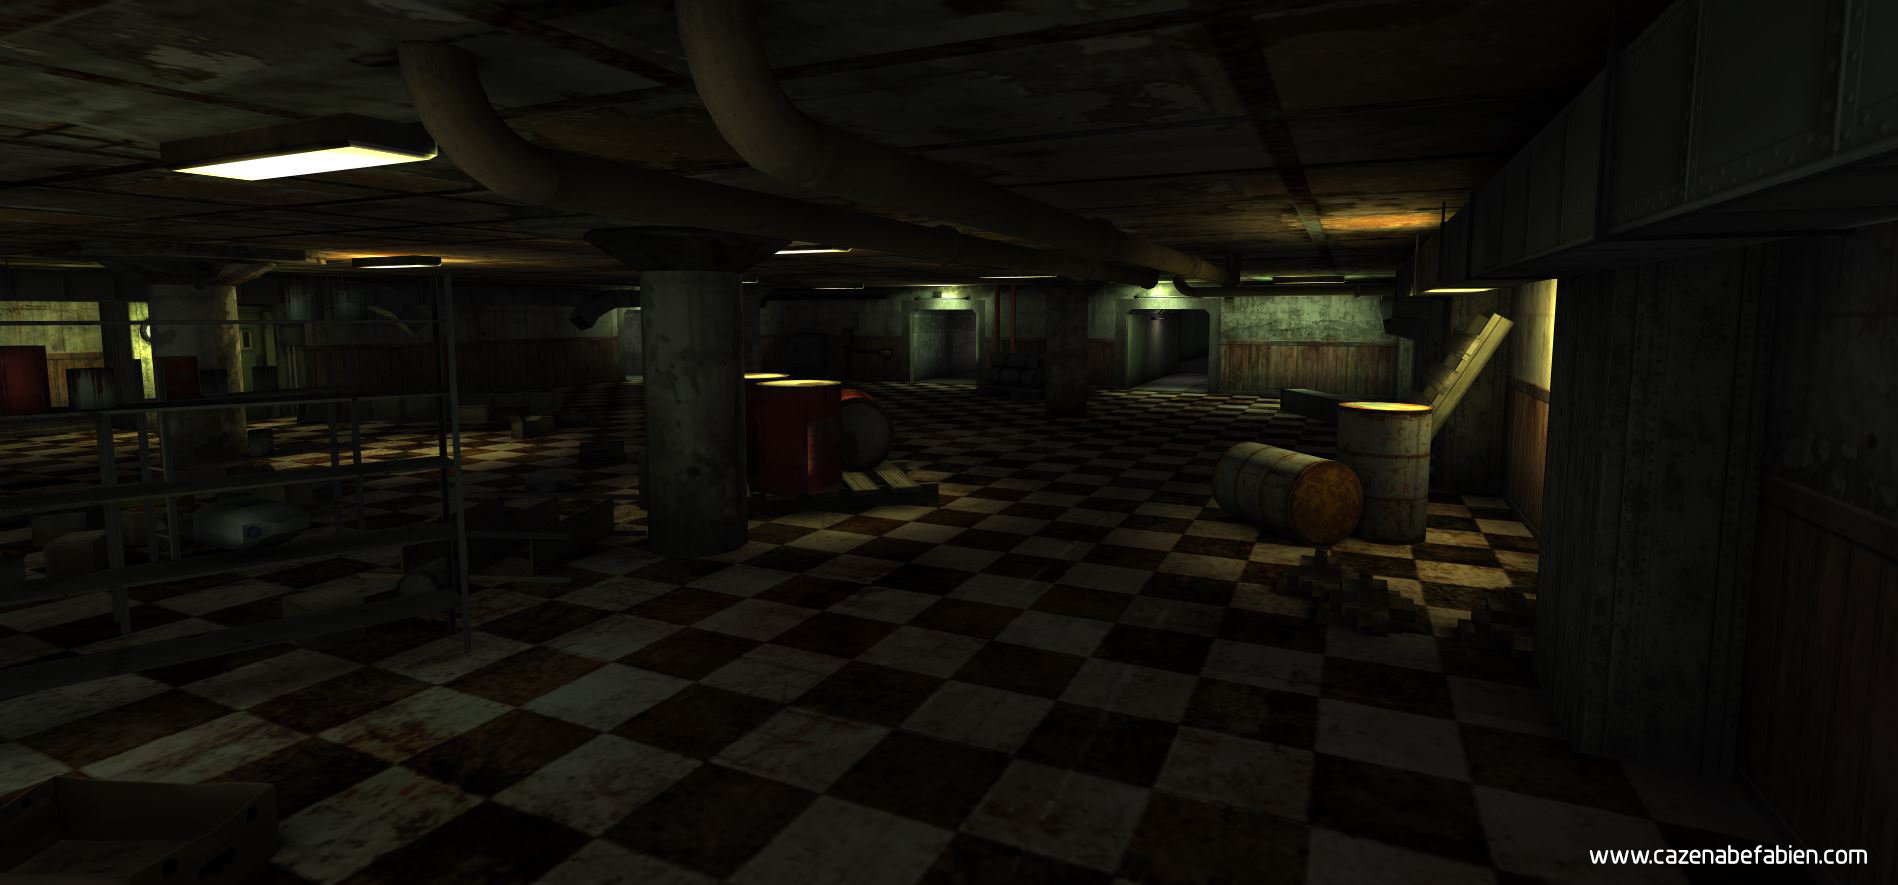 Fabien cazenabe warehouse 13